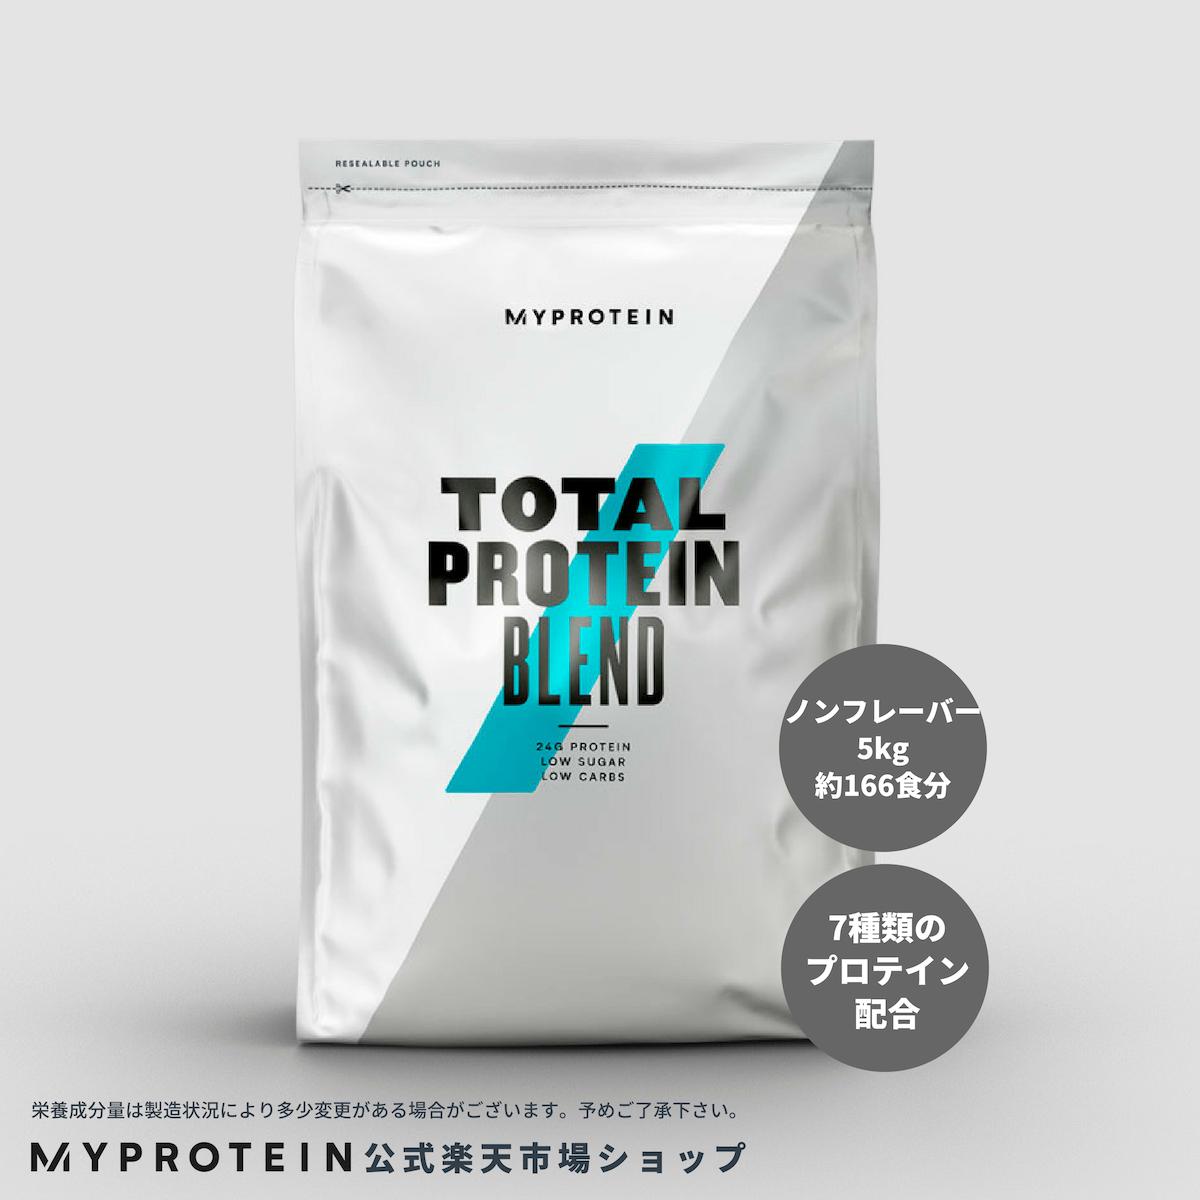 マイプロテイン 公式 【MyProtein】 トータル プロテイン ブレンド 5kg 約166食分(ノンフレーバー)| プロテイン ホエイ ホエイプロテイン カゼインプロテイン カゼイン カルシウム バルクアップ ボディーメイク 糖質制限